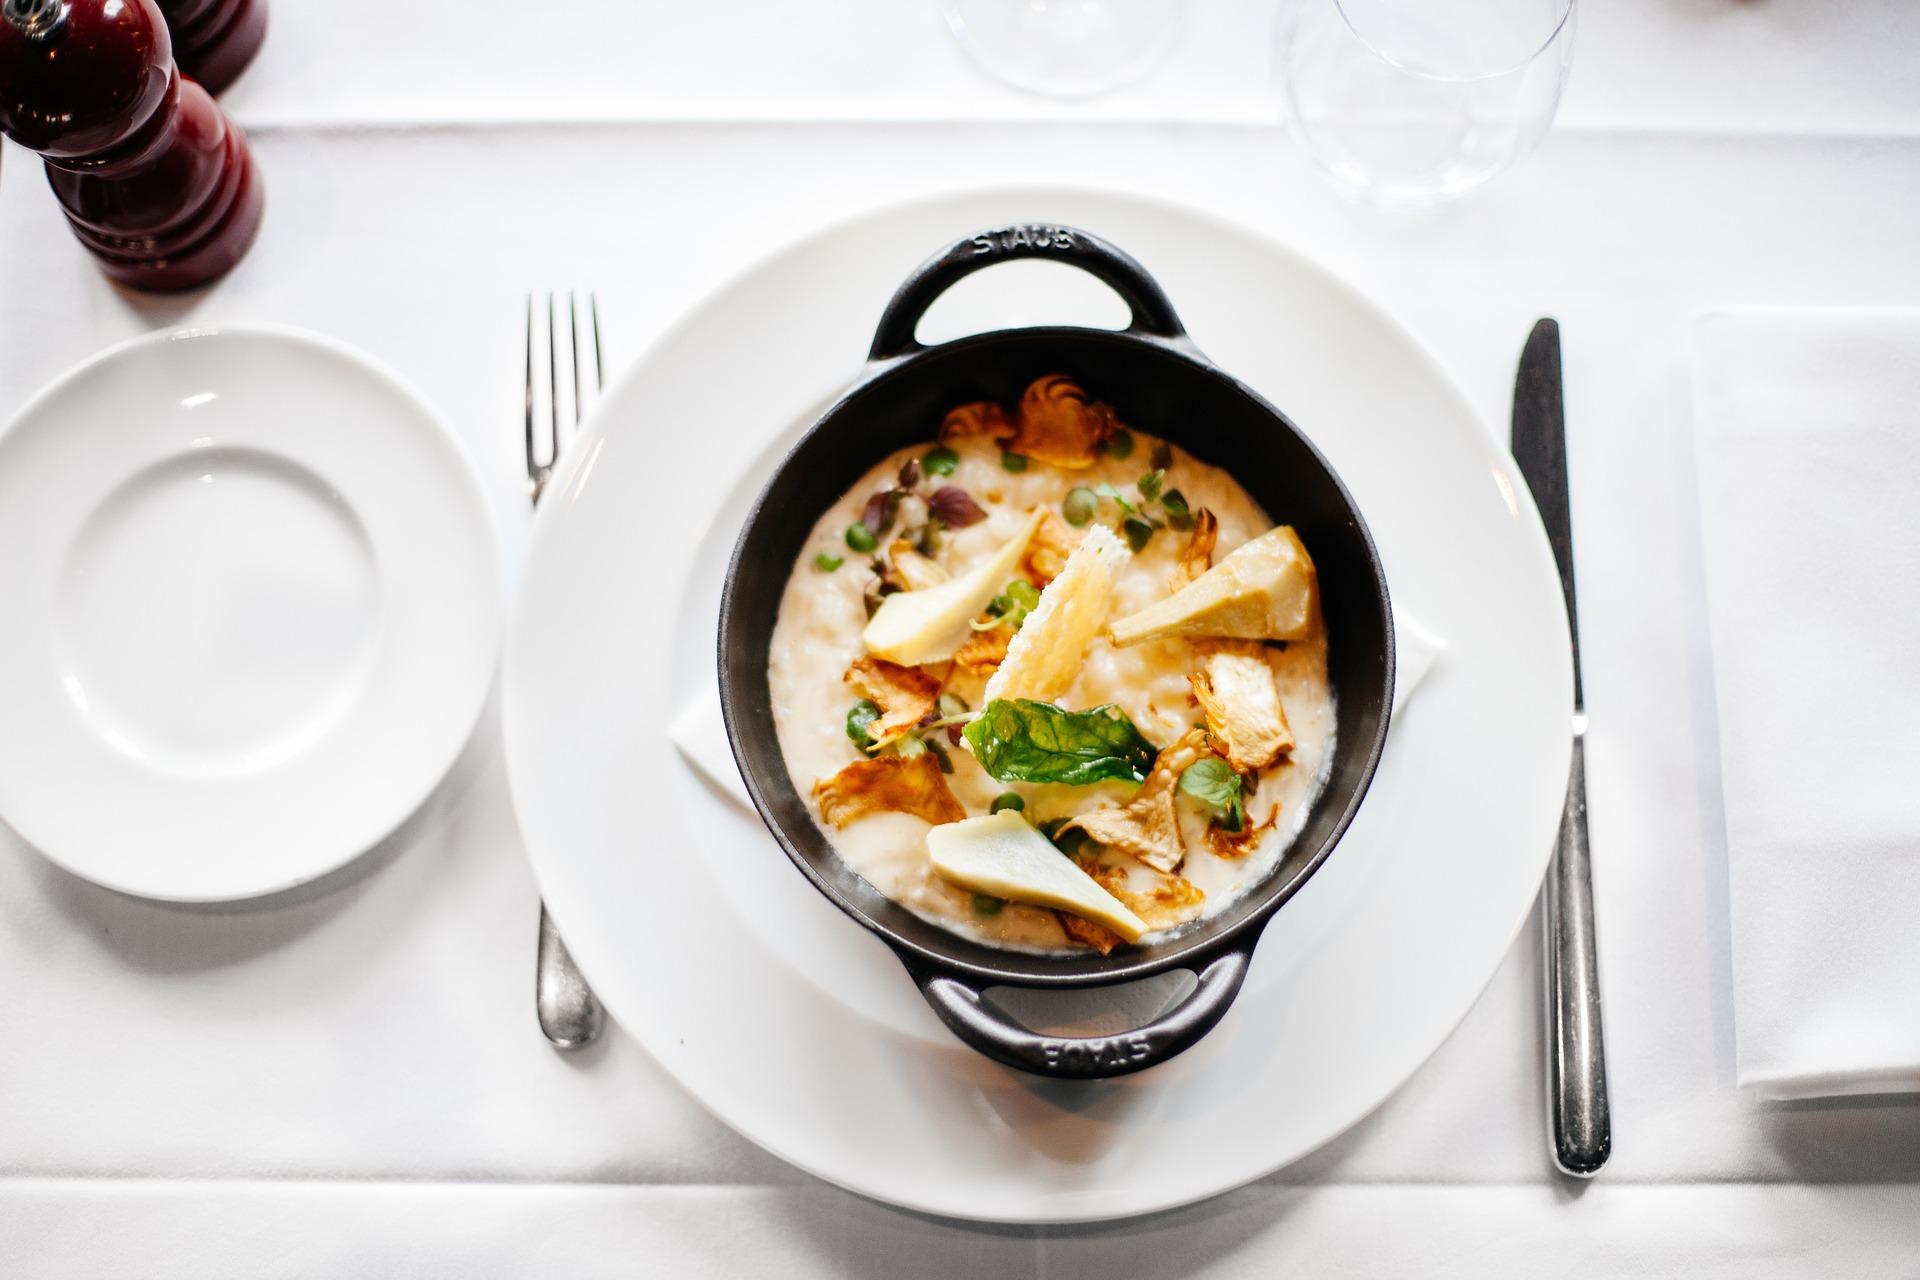 Plat végétarien cuisiné dans une petite cocotte noire posée sur une assiette en porcelaine blanche elle-même posée sur une table blanche